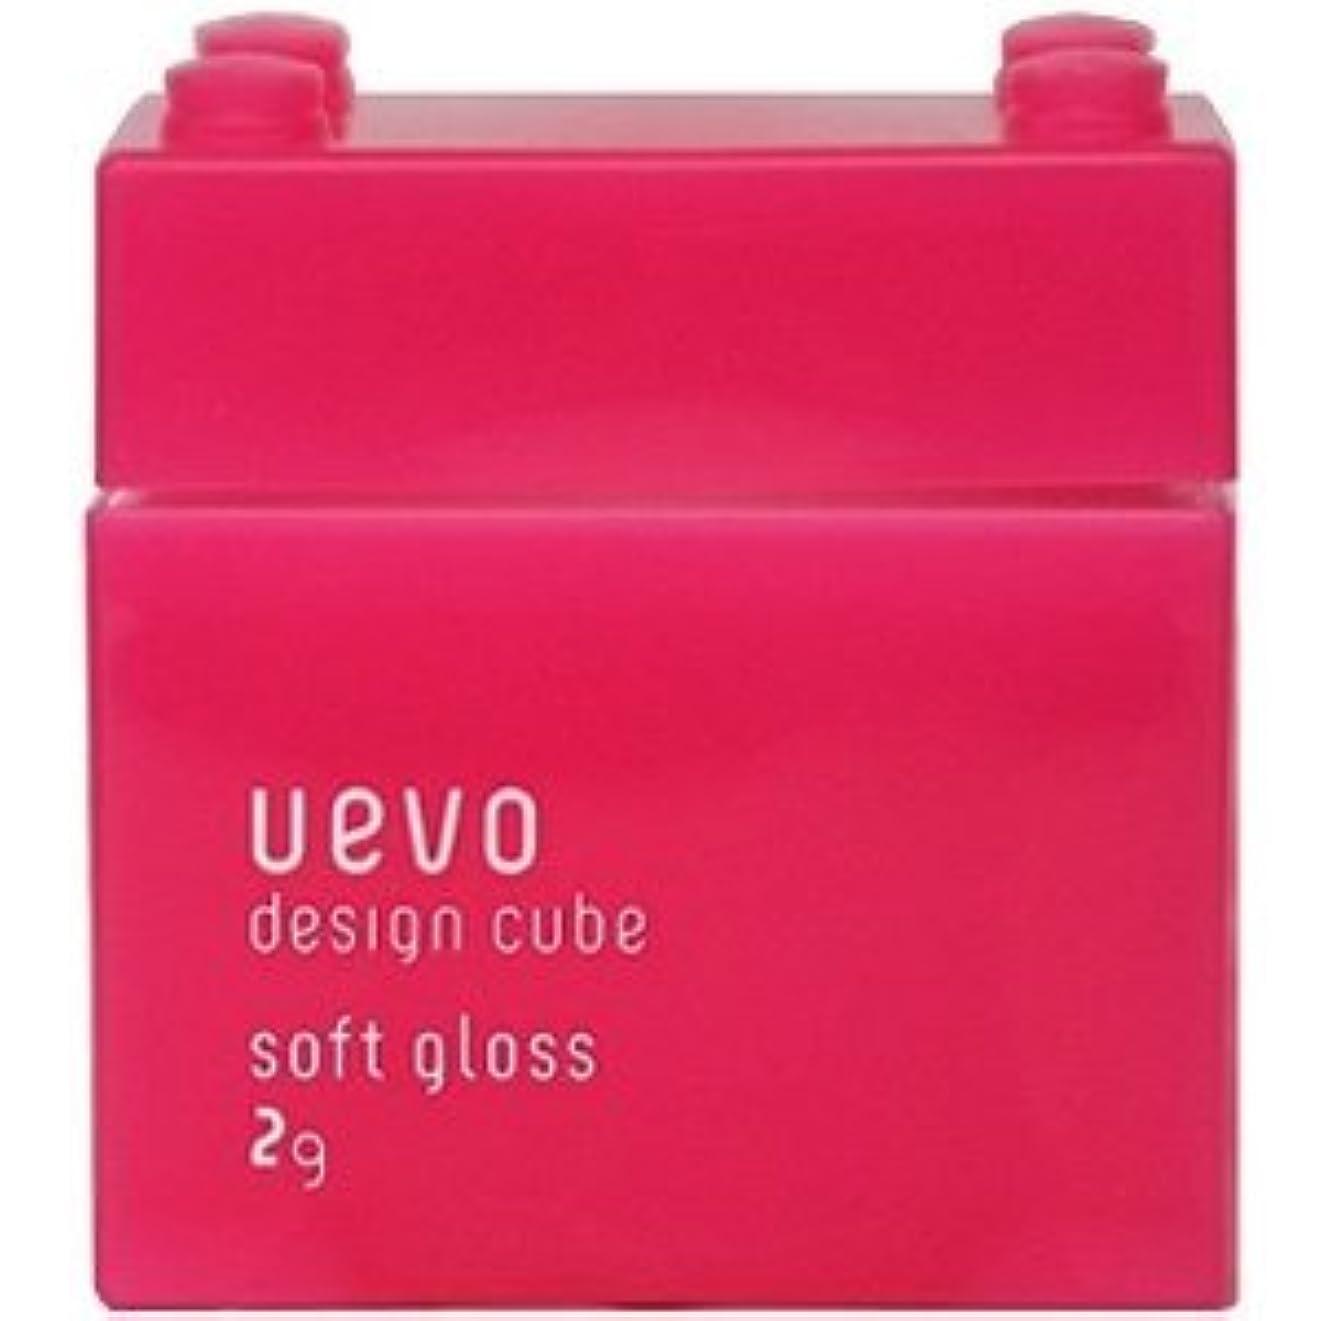 勝利天才歯科の【X3個セット】 デミ ウェーボ デザインキューブ ソフトグロス 80g soft gloss DEMI uevo design cube